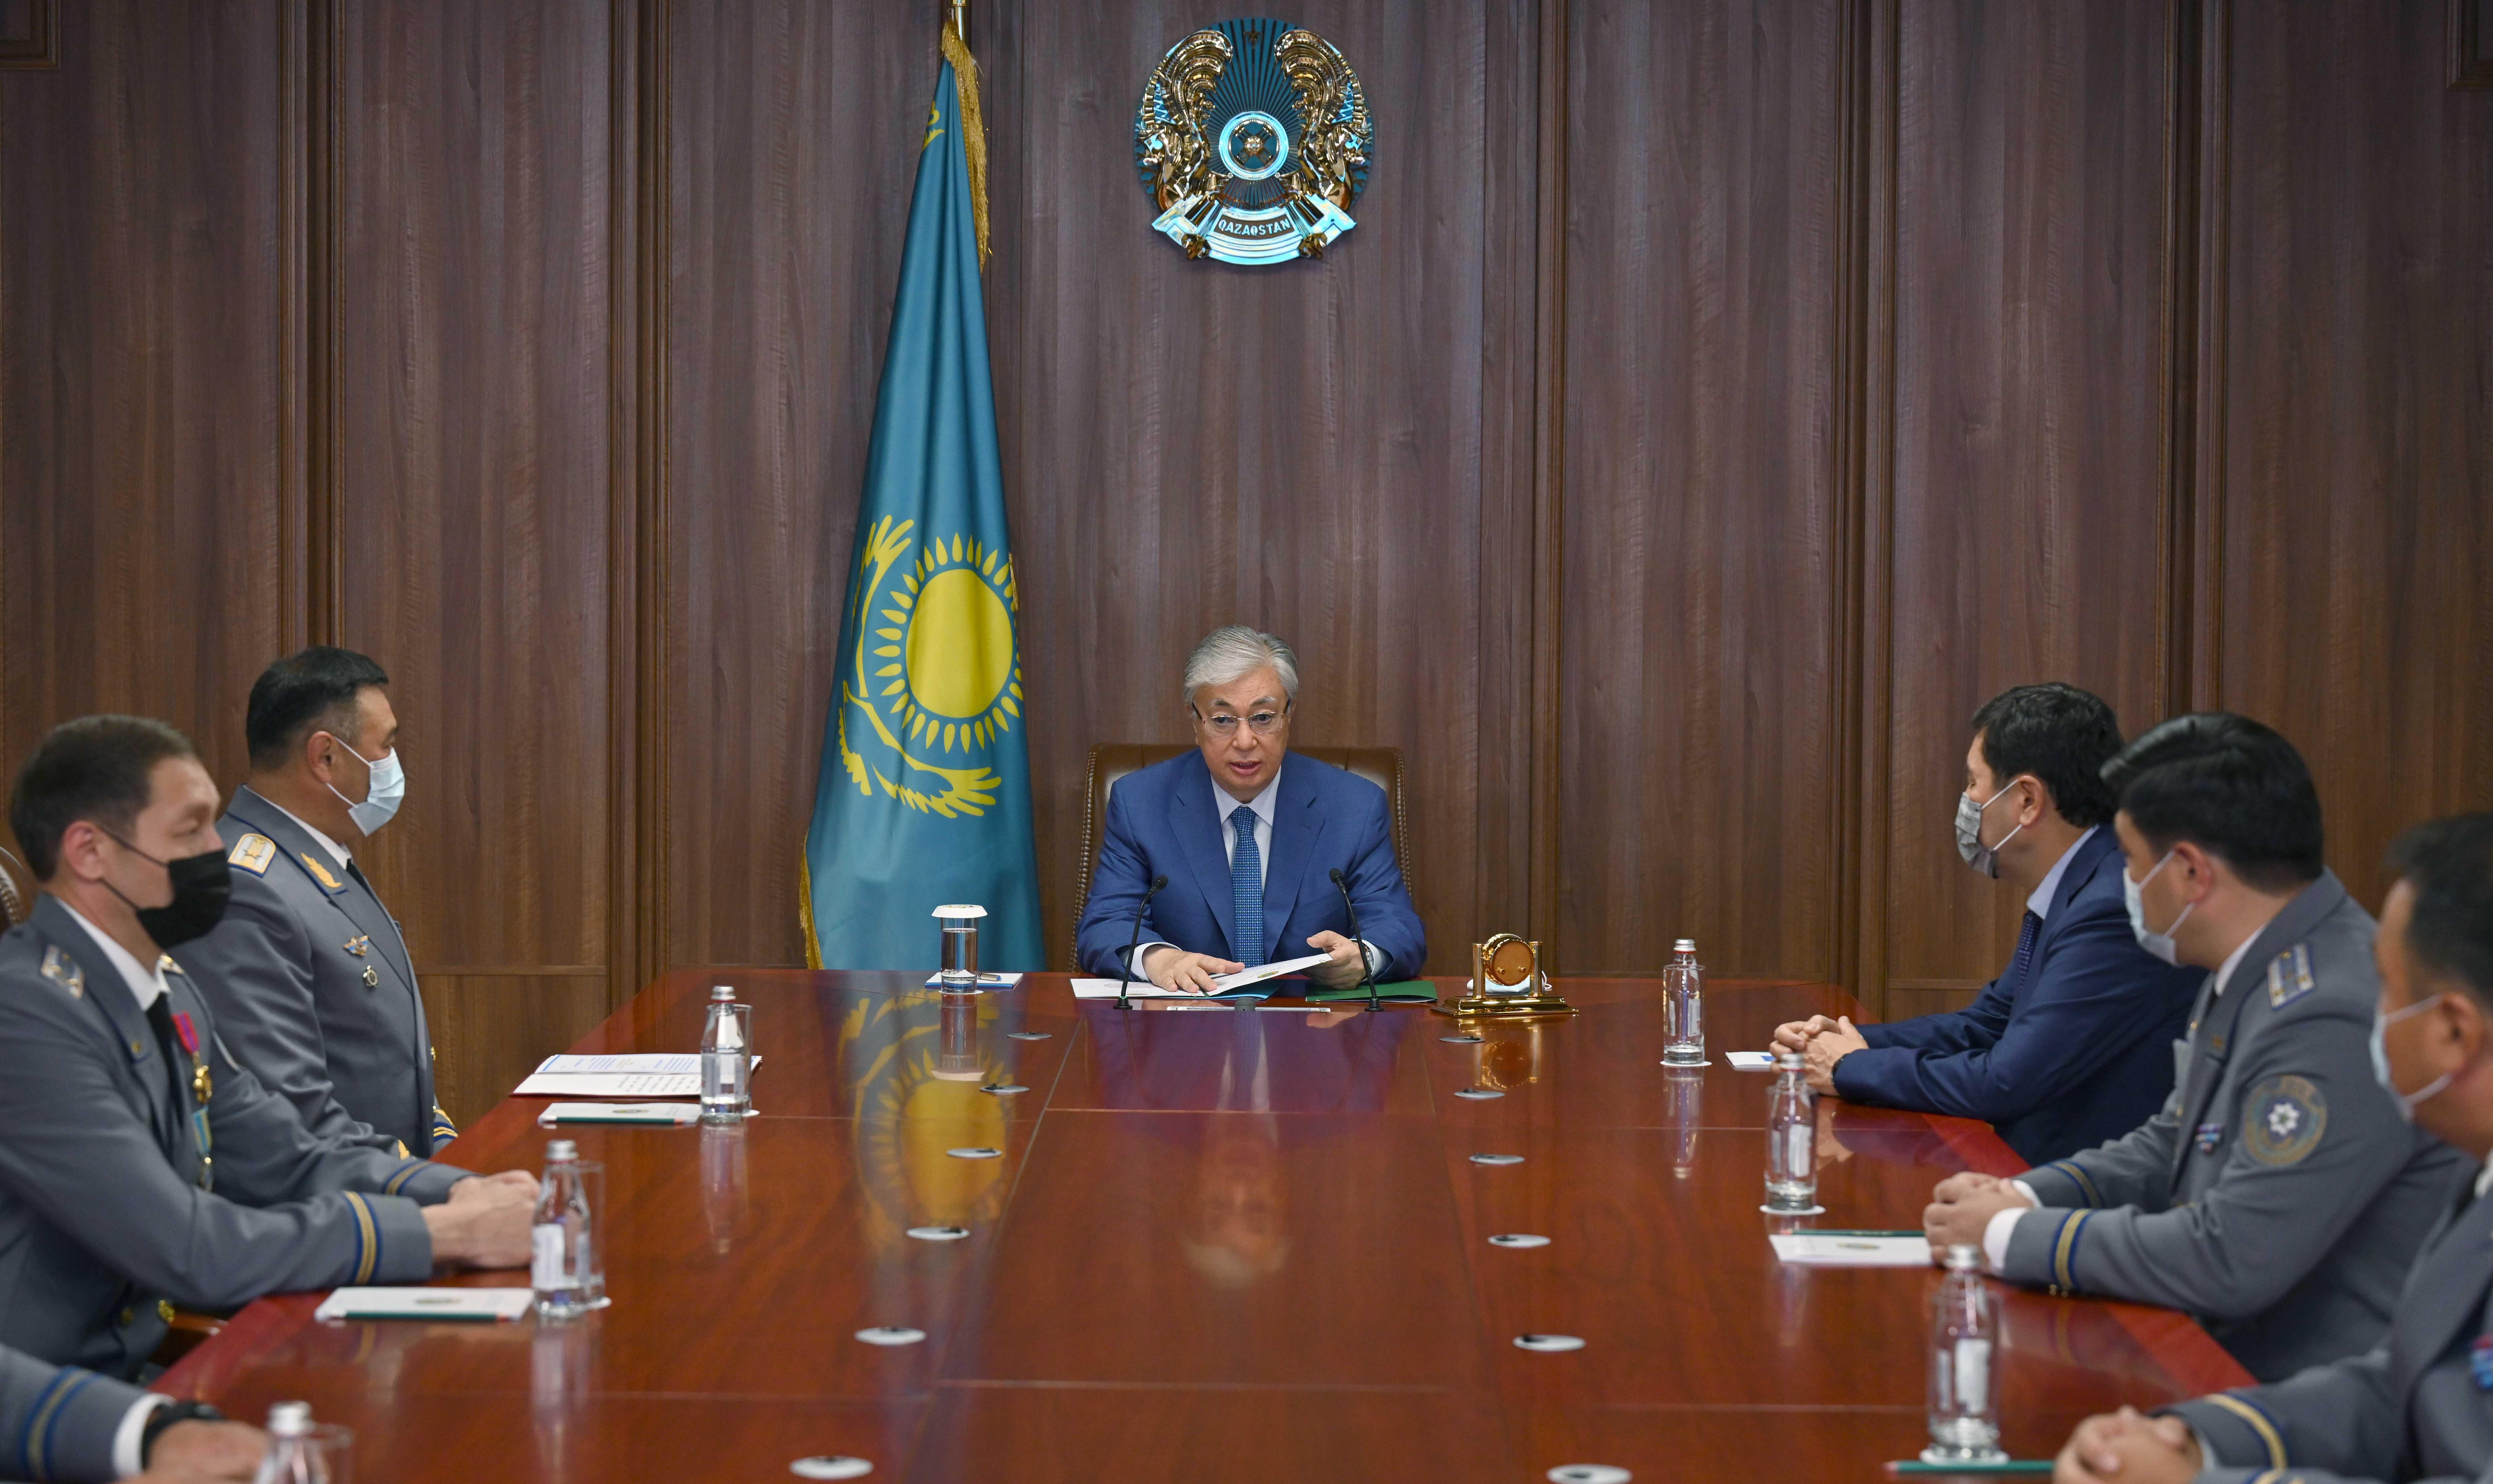 Токаев сам представил нового начальника Службы госохраны подчиненным